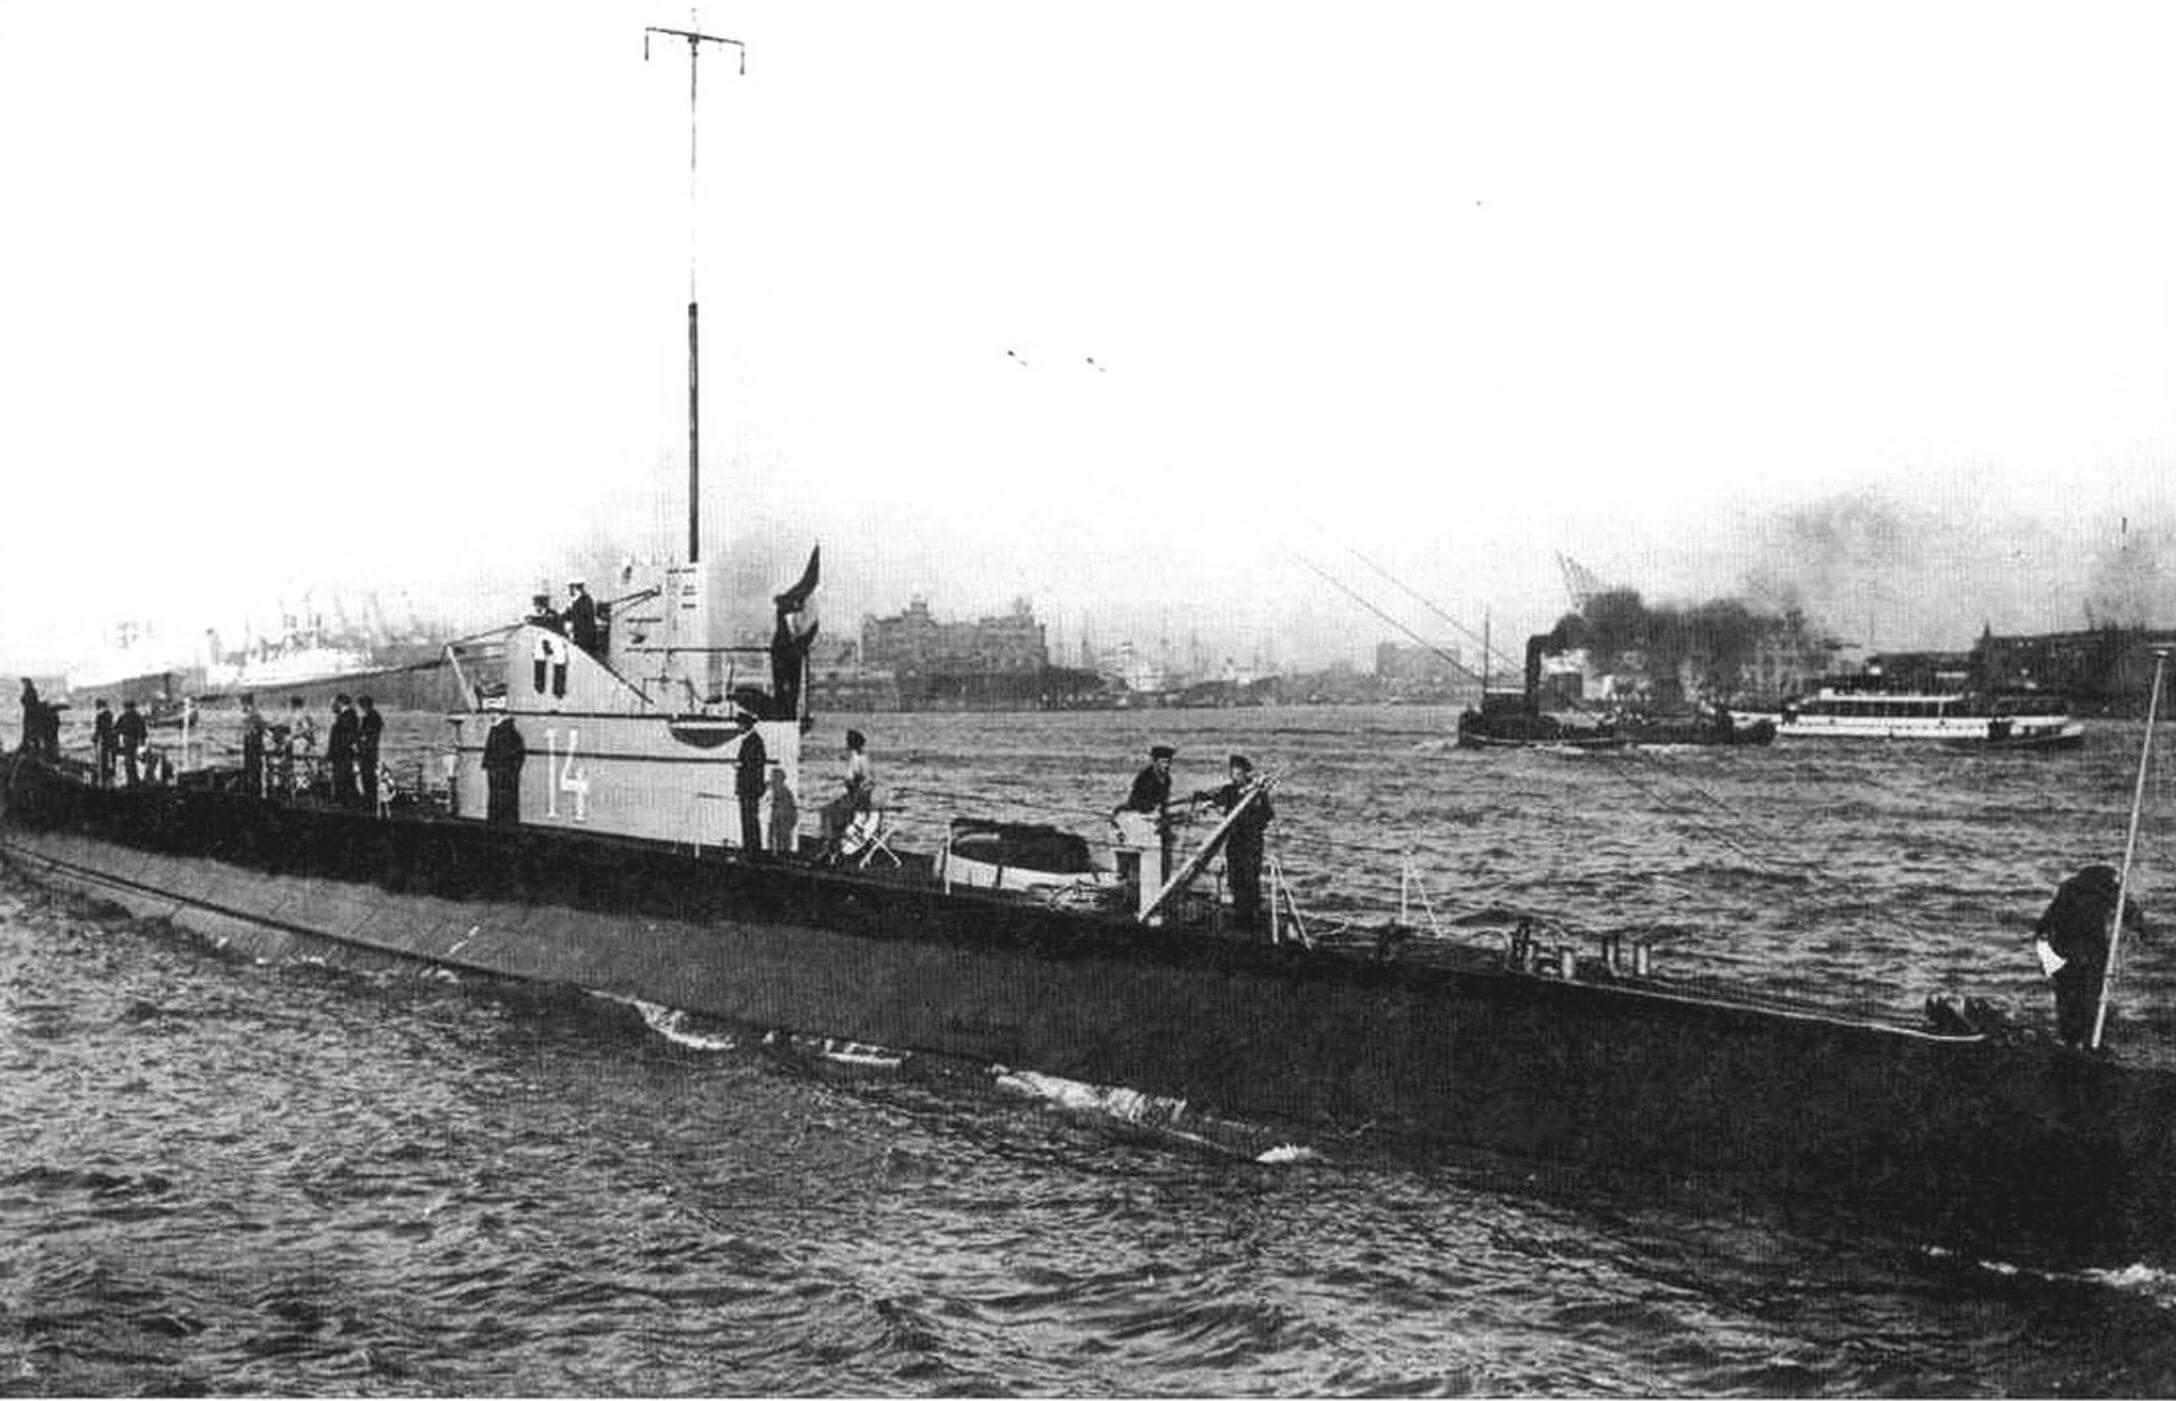 Подводная лодка «К-XIV» (Голландия, 1933 г.). Строилась на верфи «Роттердамс» в одноименном городе. Тип конструкции полуторакорпусный. Водоизмещение надводное/подводное 770/1010 т. Размеры: длина 74 м, ширина 7,6 м, осадка 3,9 м. Глубина погружения до 80 м. Двигатель: два дизеля, мощность 3200 л.с. + два электромотора, мощность 1000 л.с., скорость надводная/подводная 17/9 уз. Вооружение: восемь 533-мм торпедных аппаратов (четыре в носу, два в корме, два в поворотной установке на палубе, 14 торпед), одно 88-мм и два 40-мм зенитных орудия. Экипаж: 38 чел. В 1933-1934 годах построены пять единиц, «К-XIV» - «К-XVIII». «К-ХVII» потоплена в боях в декабре 1942 г. «К-ХVIII» затоплена командой, поднята японцами и введена в состав Императорского флота. Потоплена британской ПЛ в июле 1945 г. Две других сданы на слом в 1946 г.